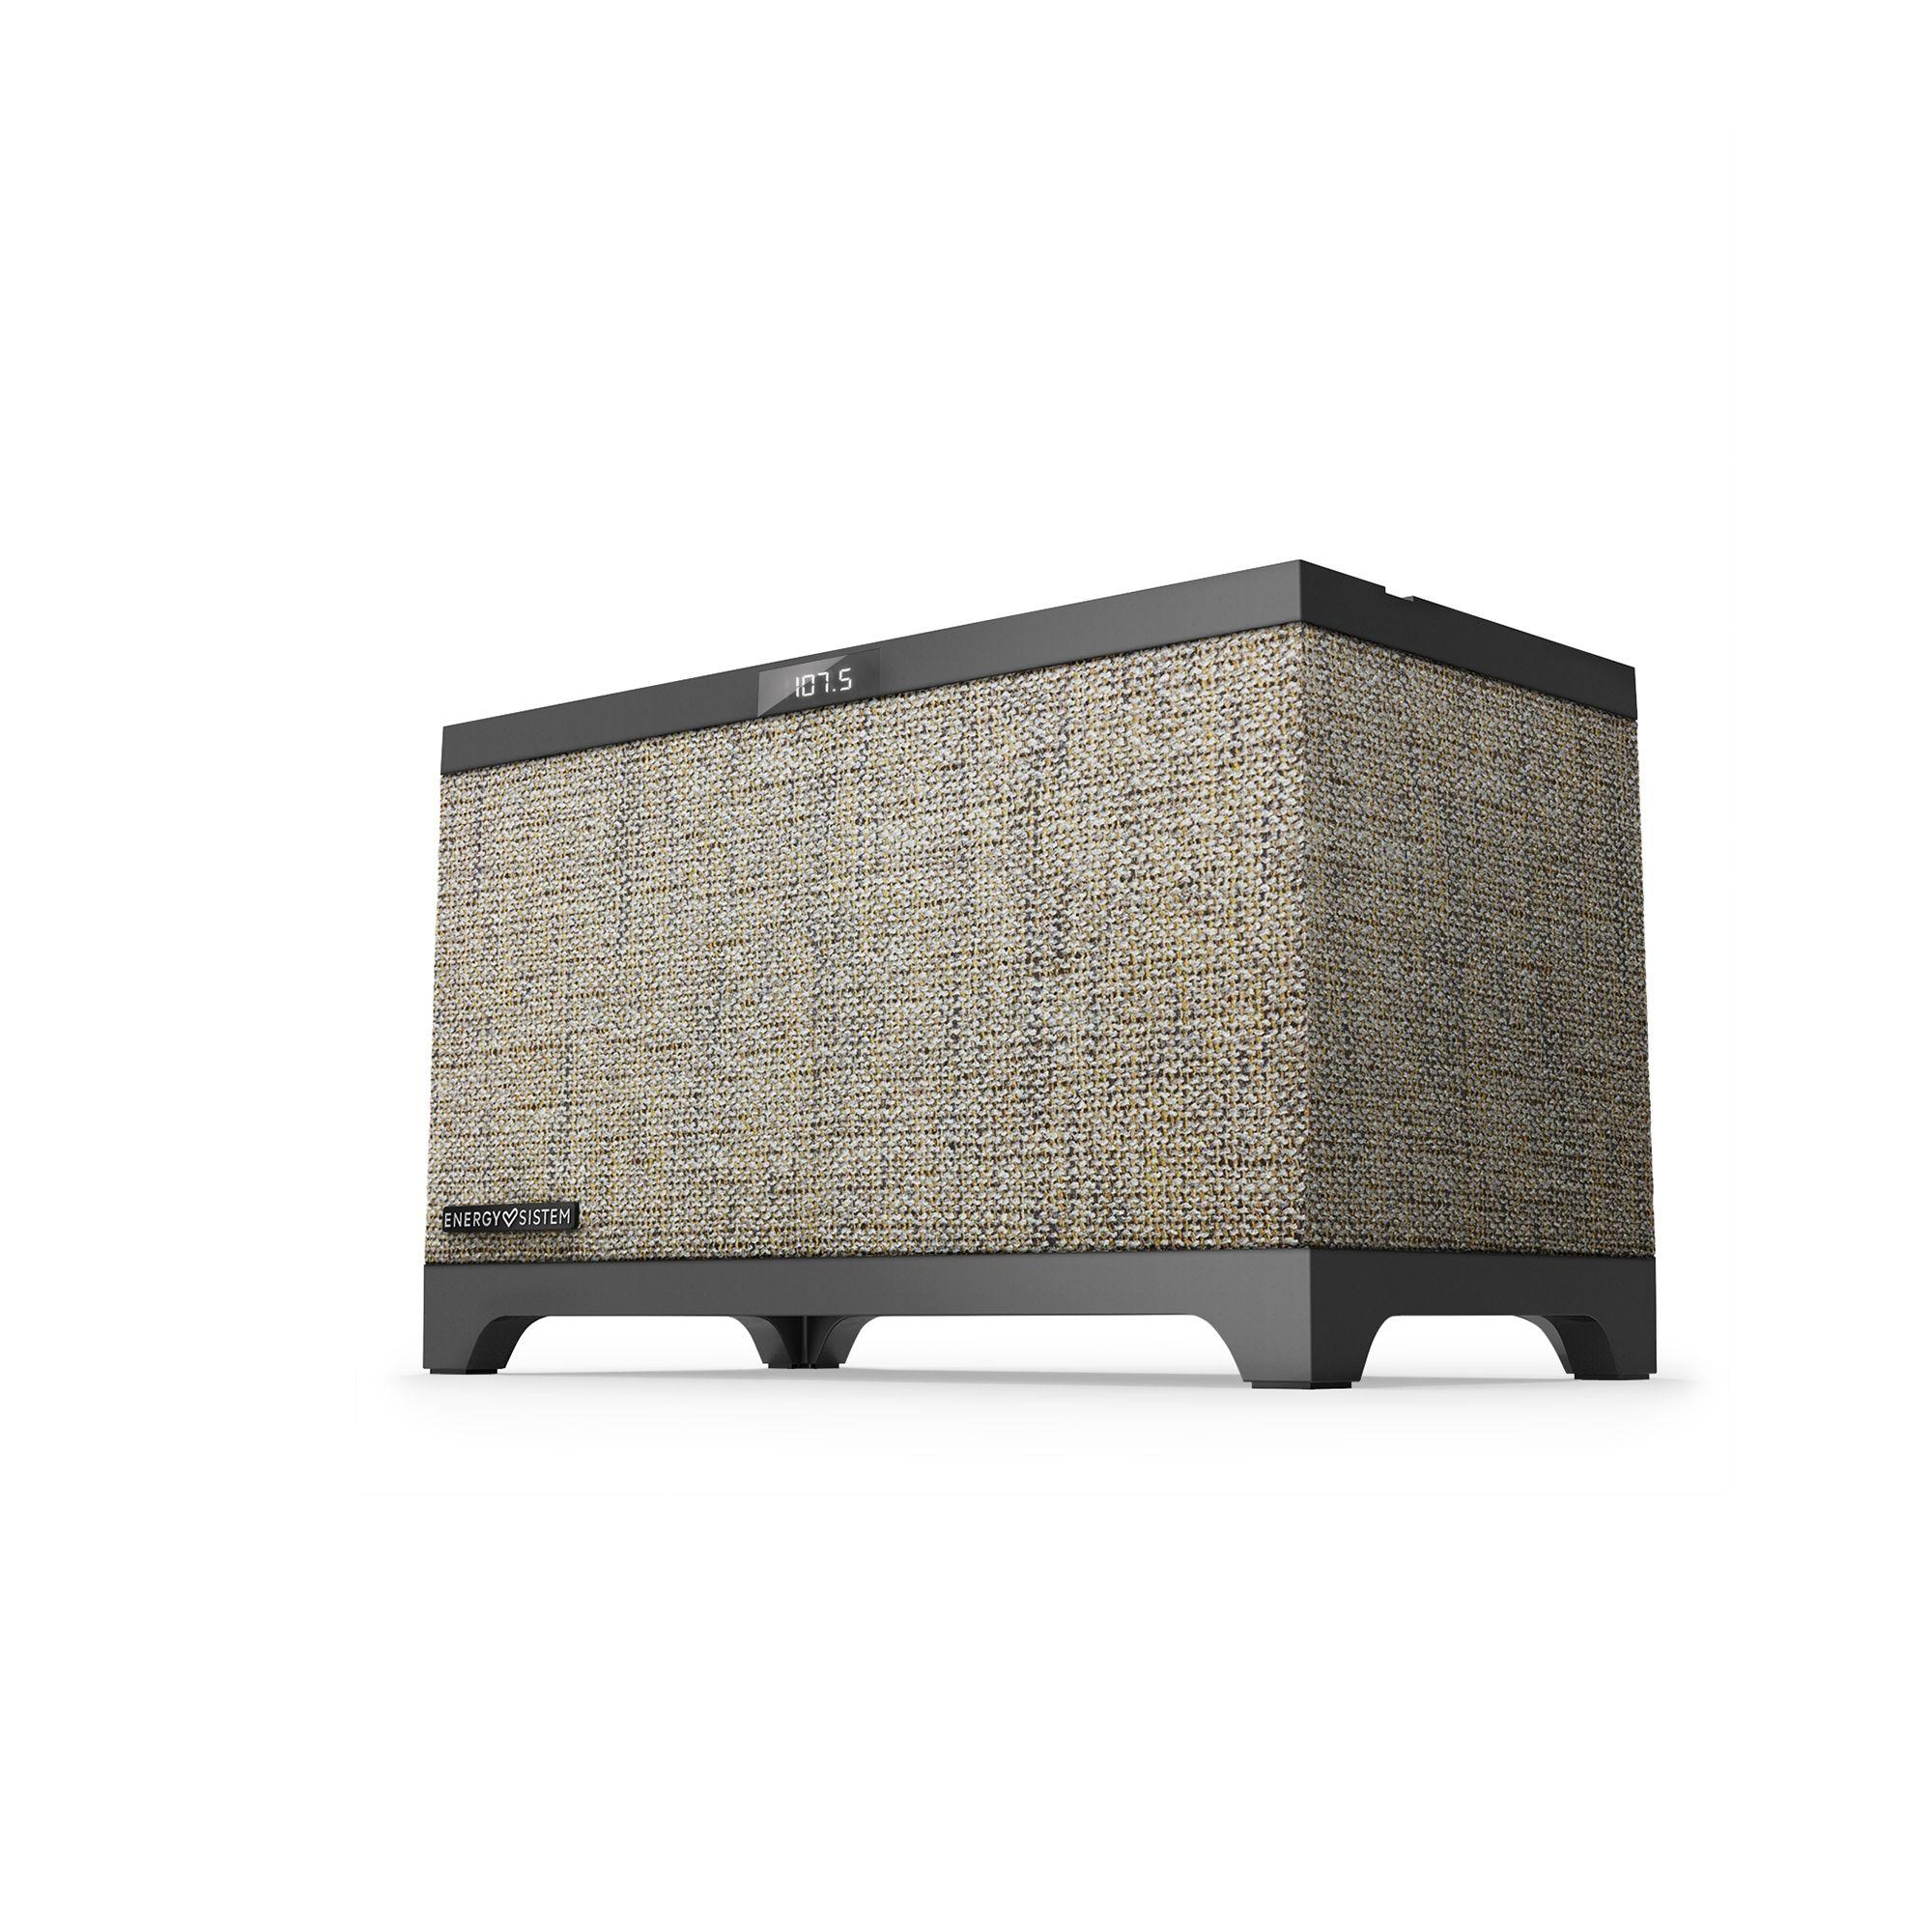 Energy Sistem Home Speaker 4 Studio altavoz De 2 vías 35 W Beige, Negro Inalámbrico y alámbrico